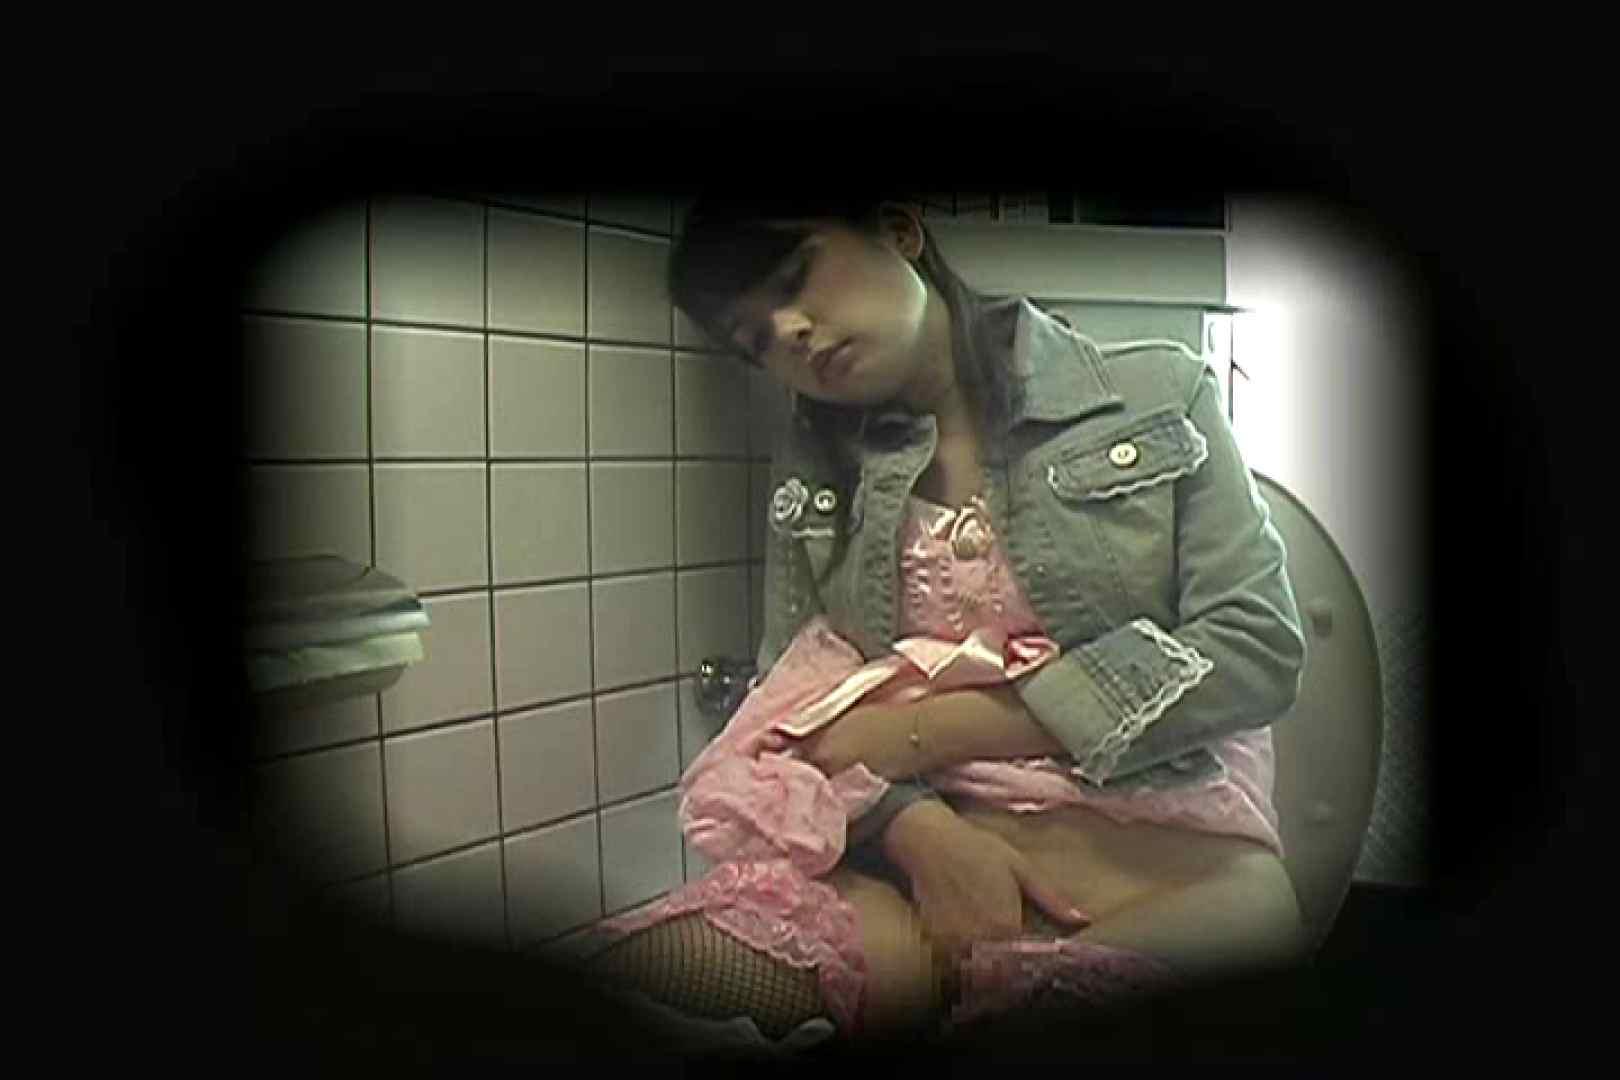 自慰天国女子洗面所Vol.6 OLエロ画像 盗撮アダルト動画キャプチャ 92PICs 2